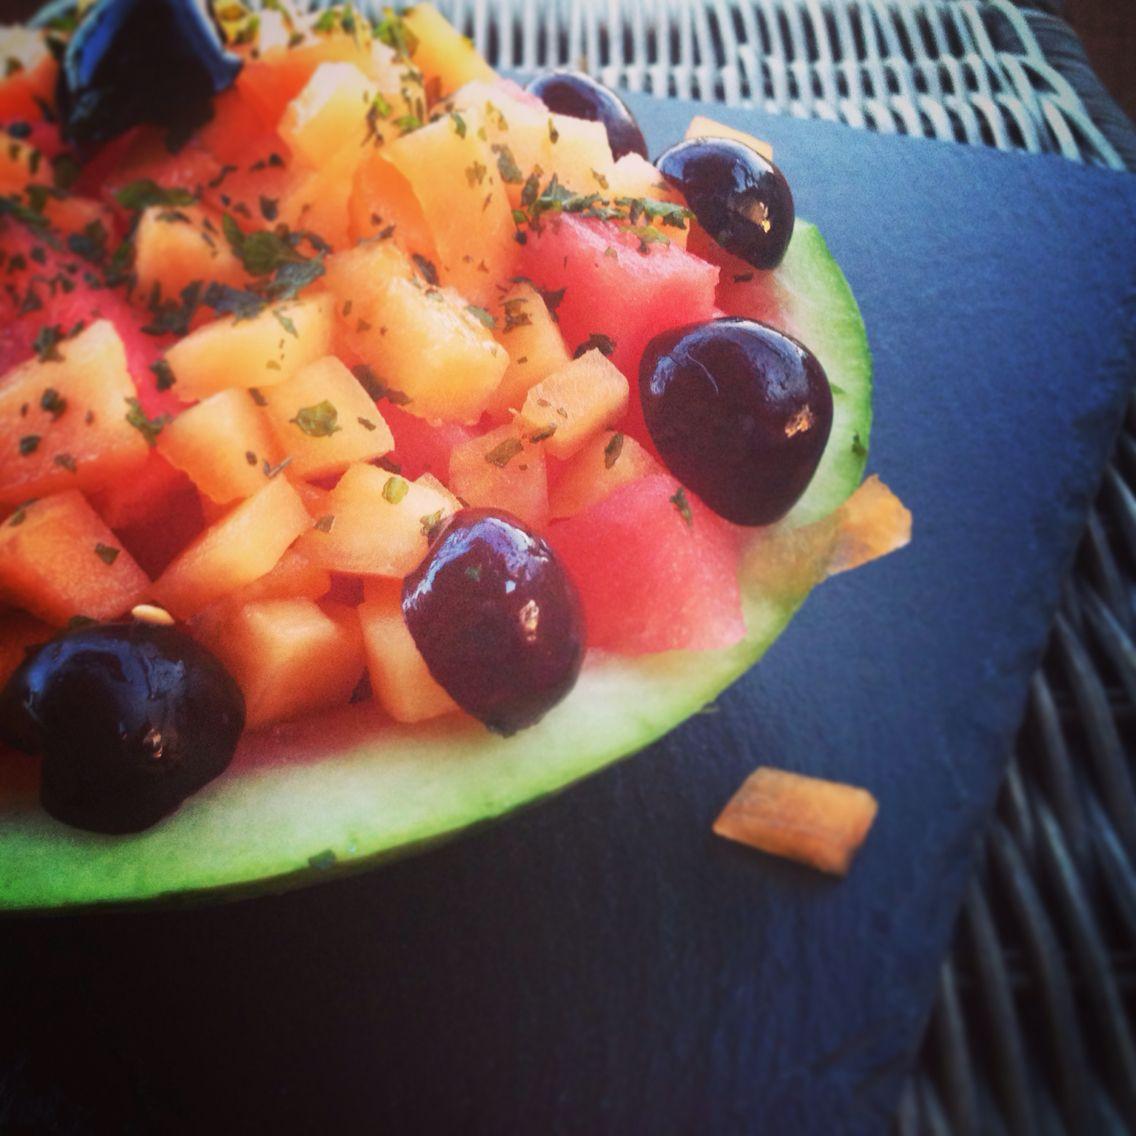 salade melon pastèque et feuilles de menthe ! idéal pour un dessert